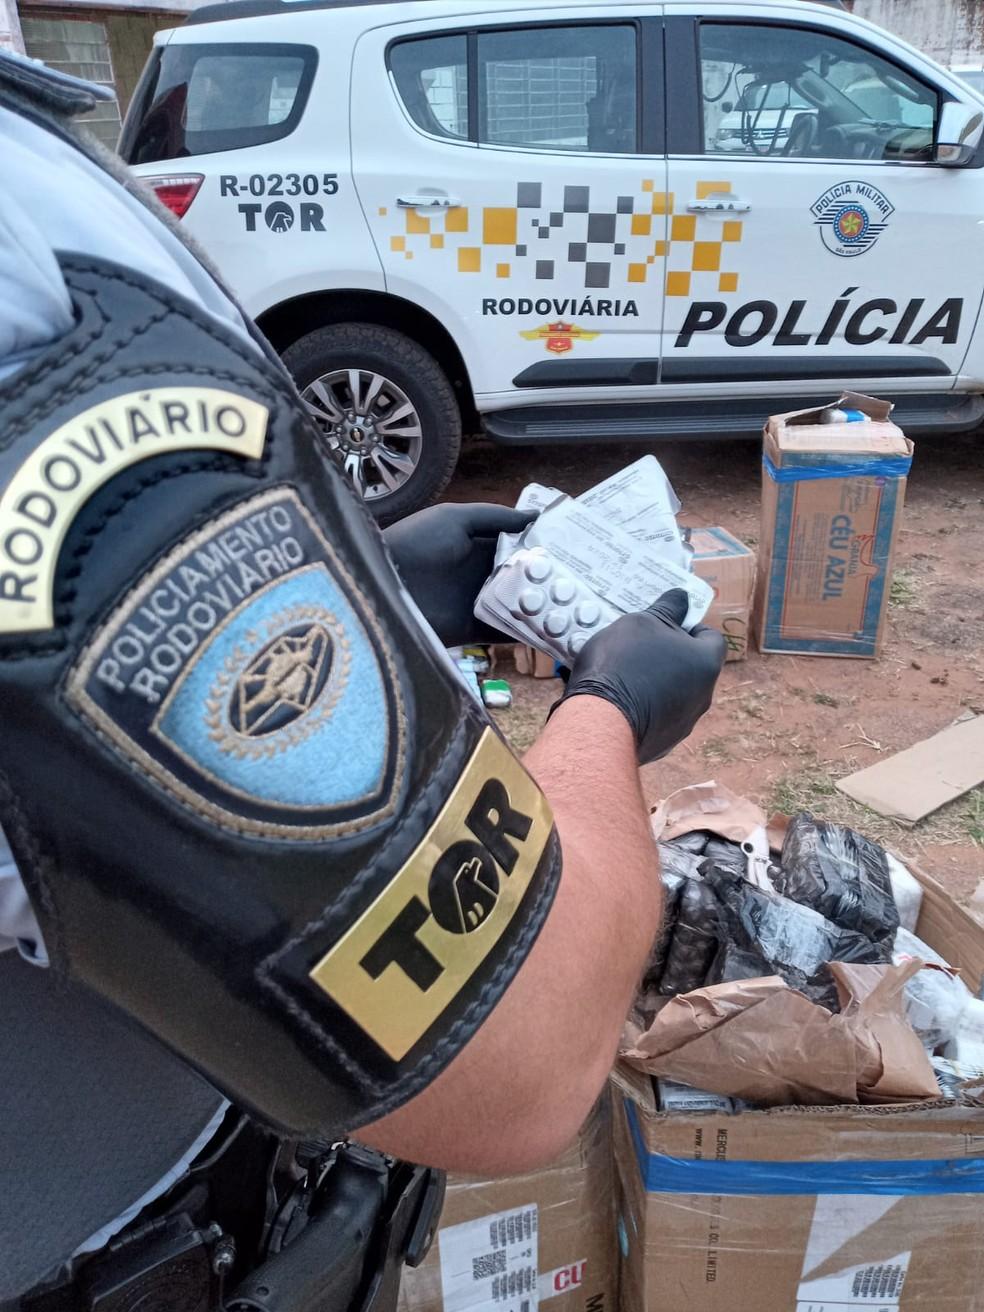 Medicamentos anabolizantes e abortivos foram apreendidos em Assis  — Foto: Polícia Rodoviária / Divulgação